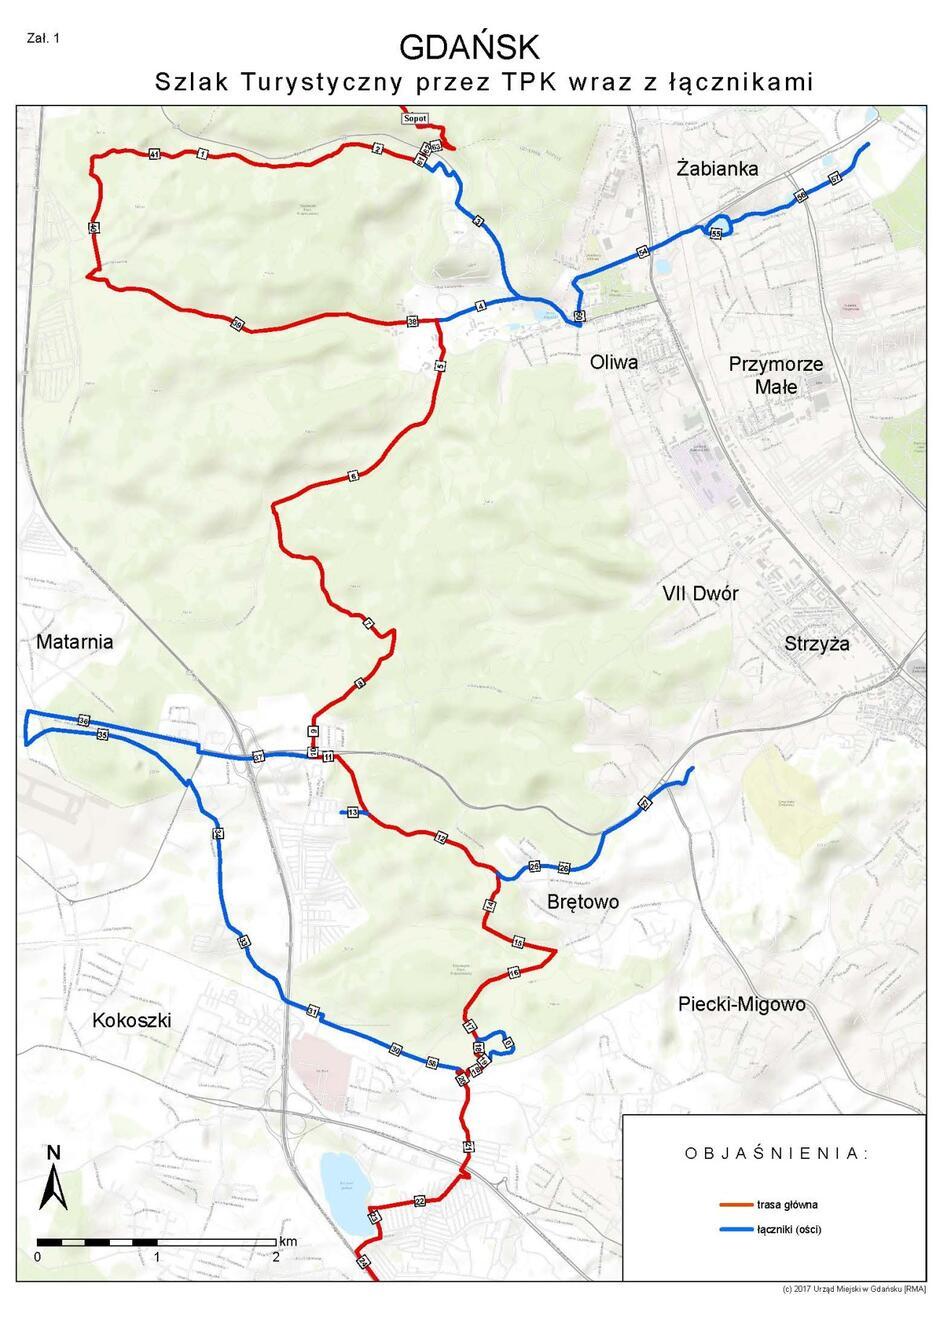 Tak przebiegać będzie zmodernizowana trasa w TPK na terenie należącym do gminy Gdańsk